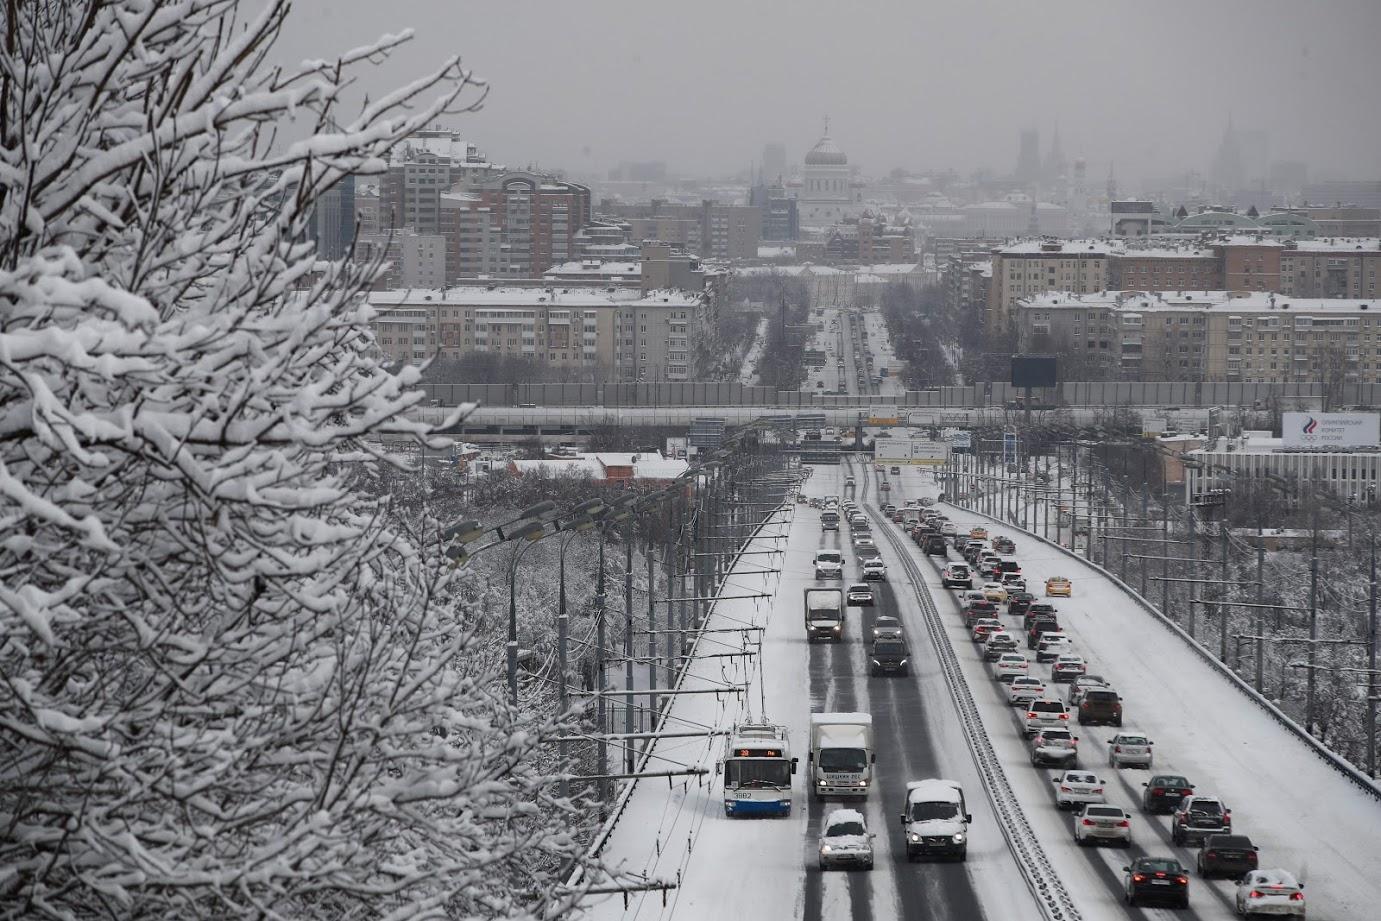 रशियाची राजधानी मॉस्को हे यादीत पाचव्या स्थानावर आहे. एका ठिकाणाहून दुसऱ्या ठिकाणी जाण्यासाठी 56 टक्के जास्त वेळ या शहराच्या ट्रॅफिकमुळे लागतो.